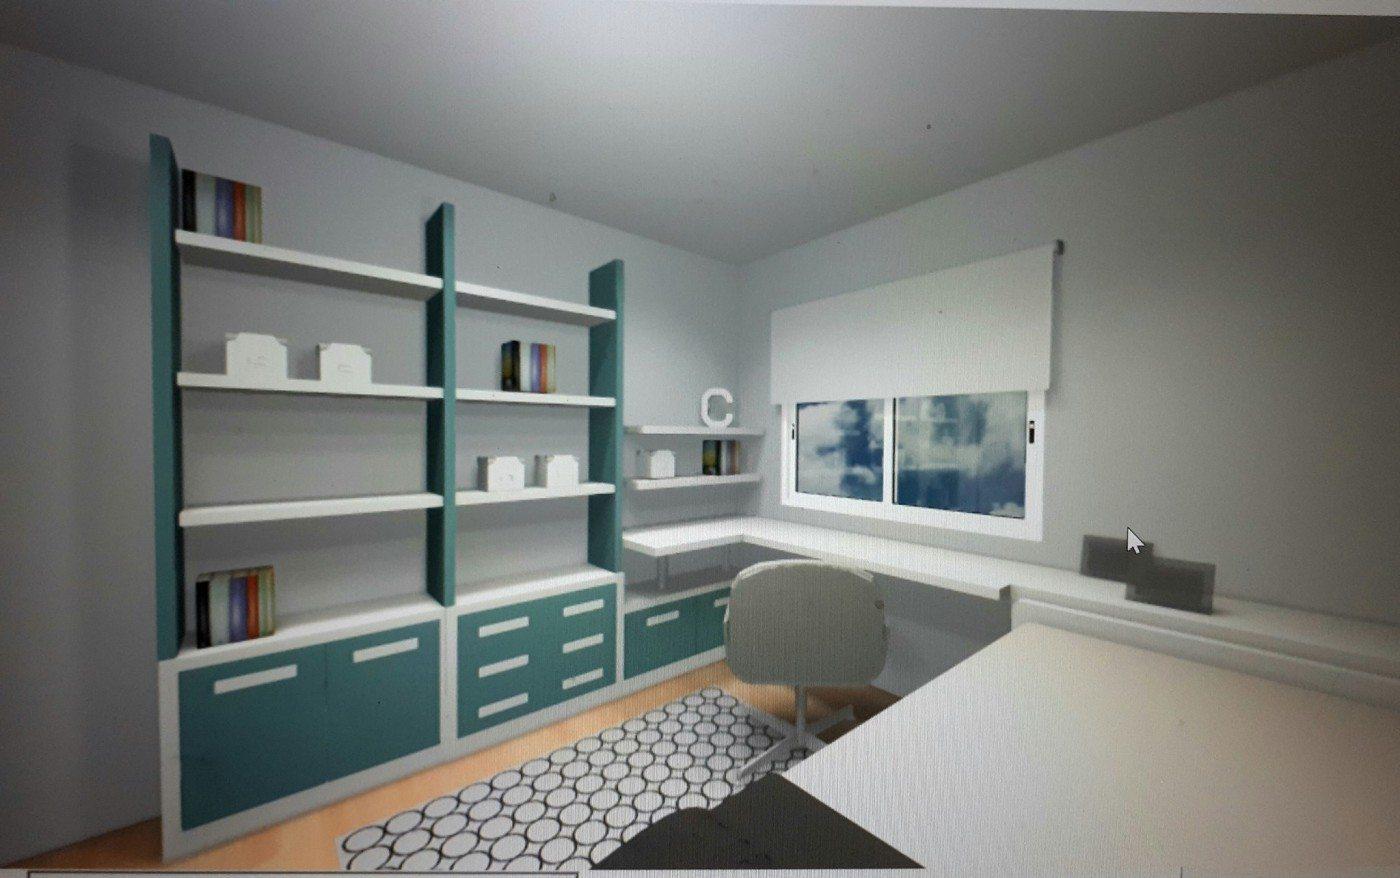 Dormitorio Juvenil. Decoración en Valladolid muebles lucama valladolid